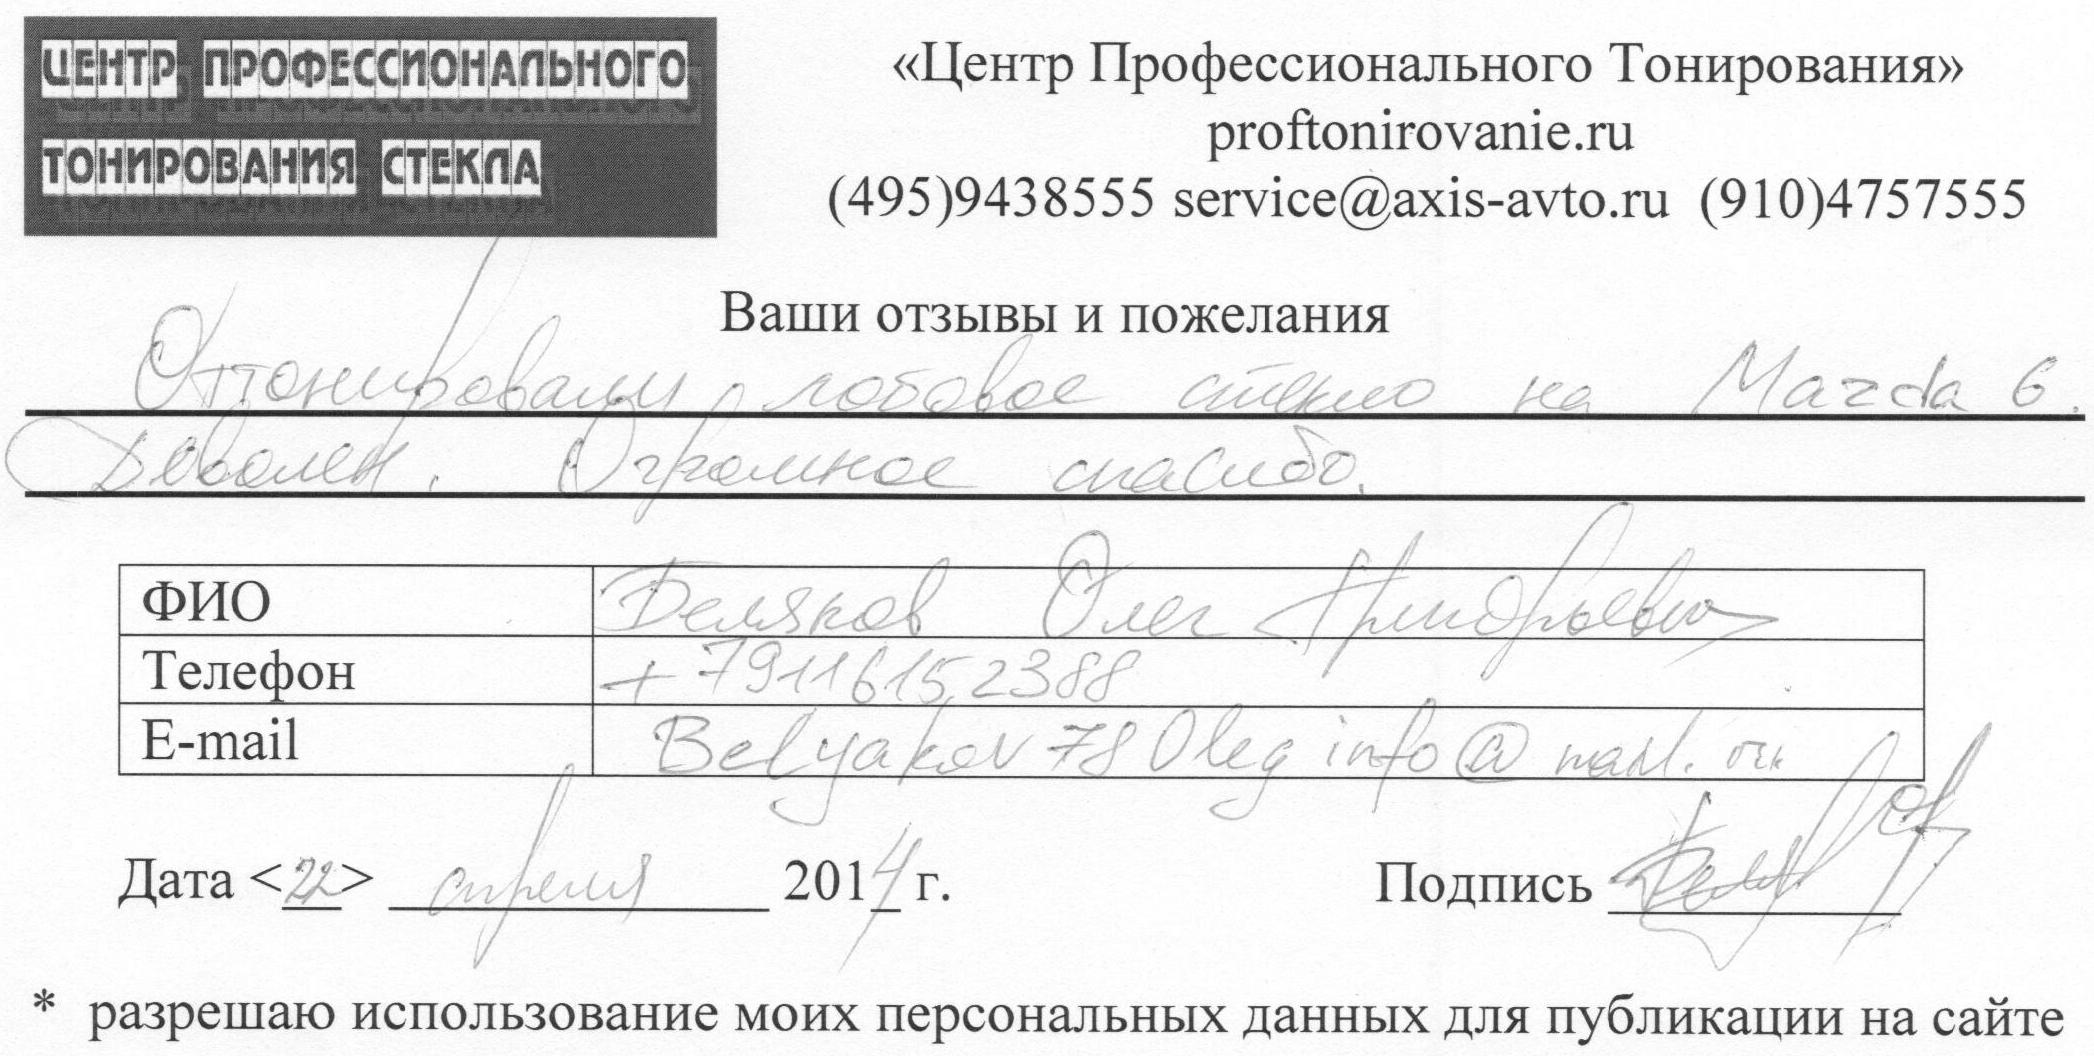 Отзывы из автосервиса_14